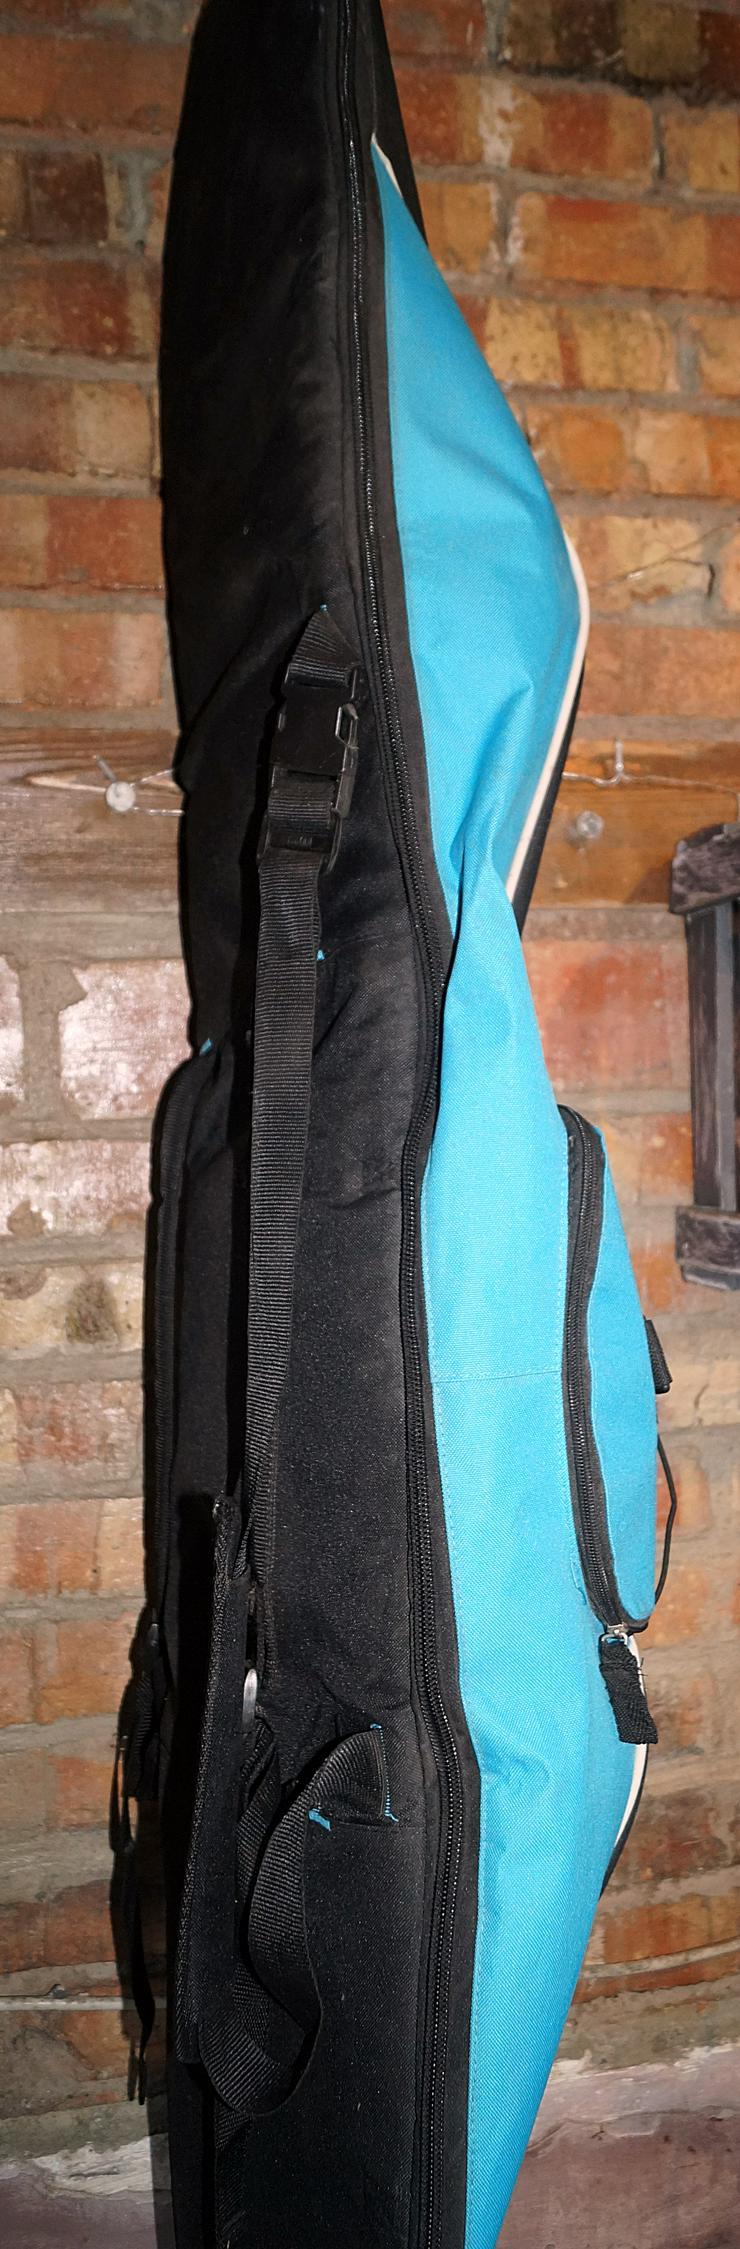 Bild 6: Snowboard mit Bindung und Tasche